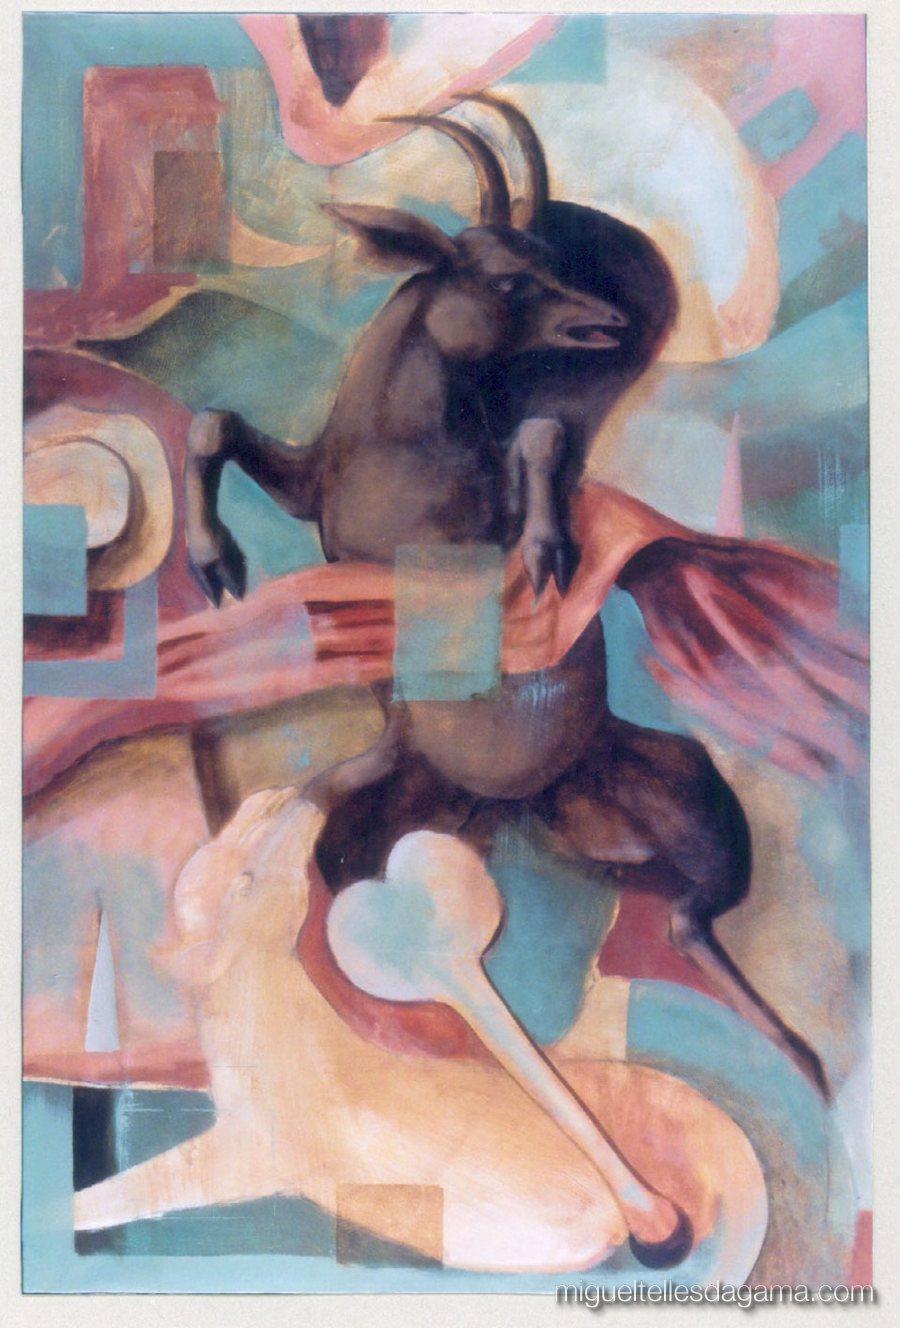 Galeria 111, Porto, 1998 - Cabra Cega, Acrílico sobre tela (cm)